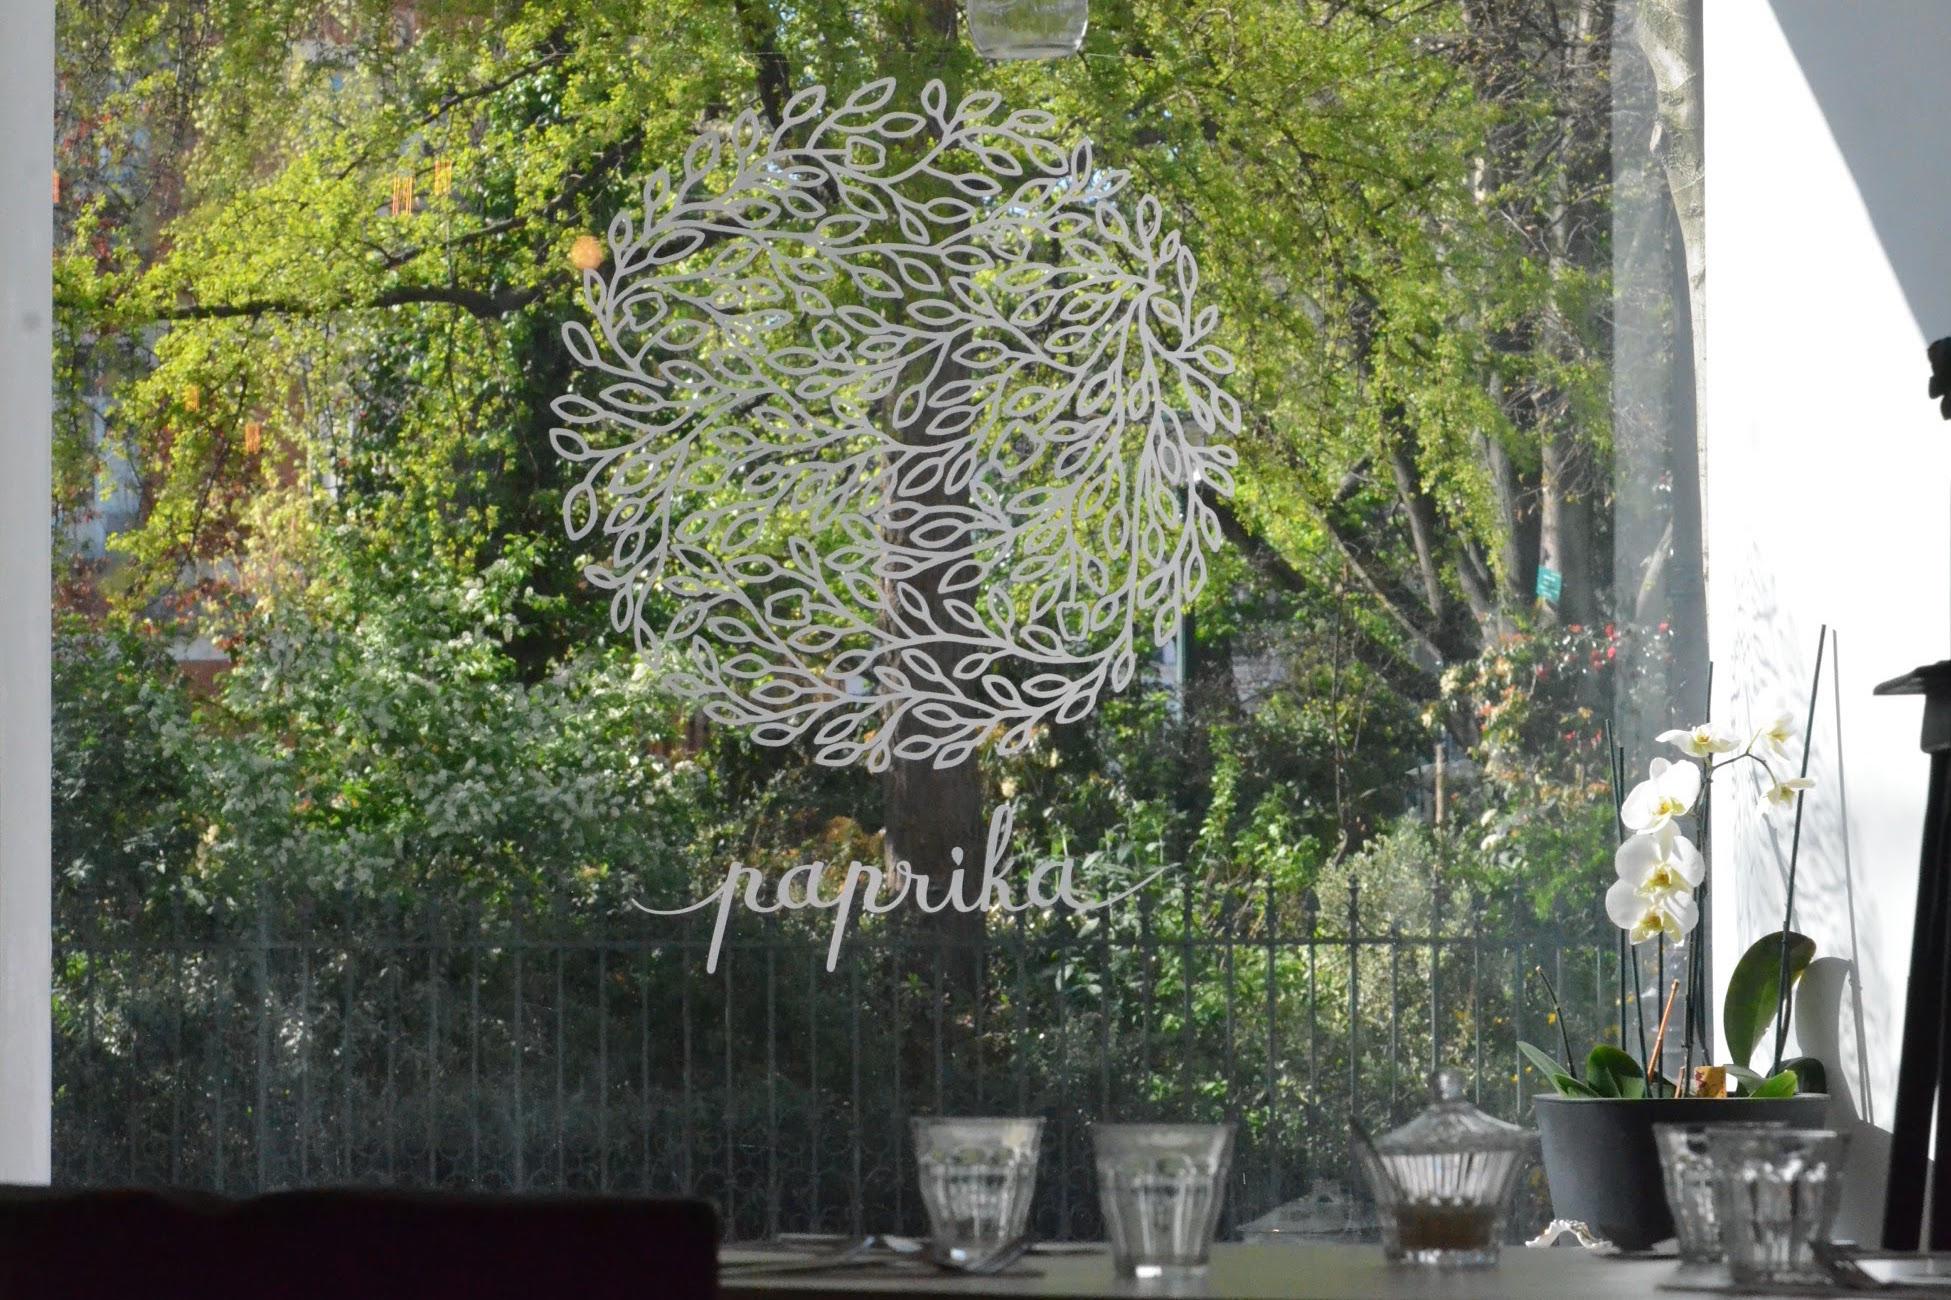 Restaurant Paprika, Paris IIIeme.